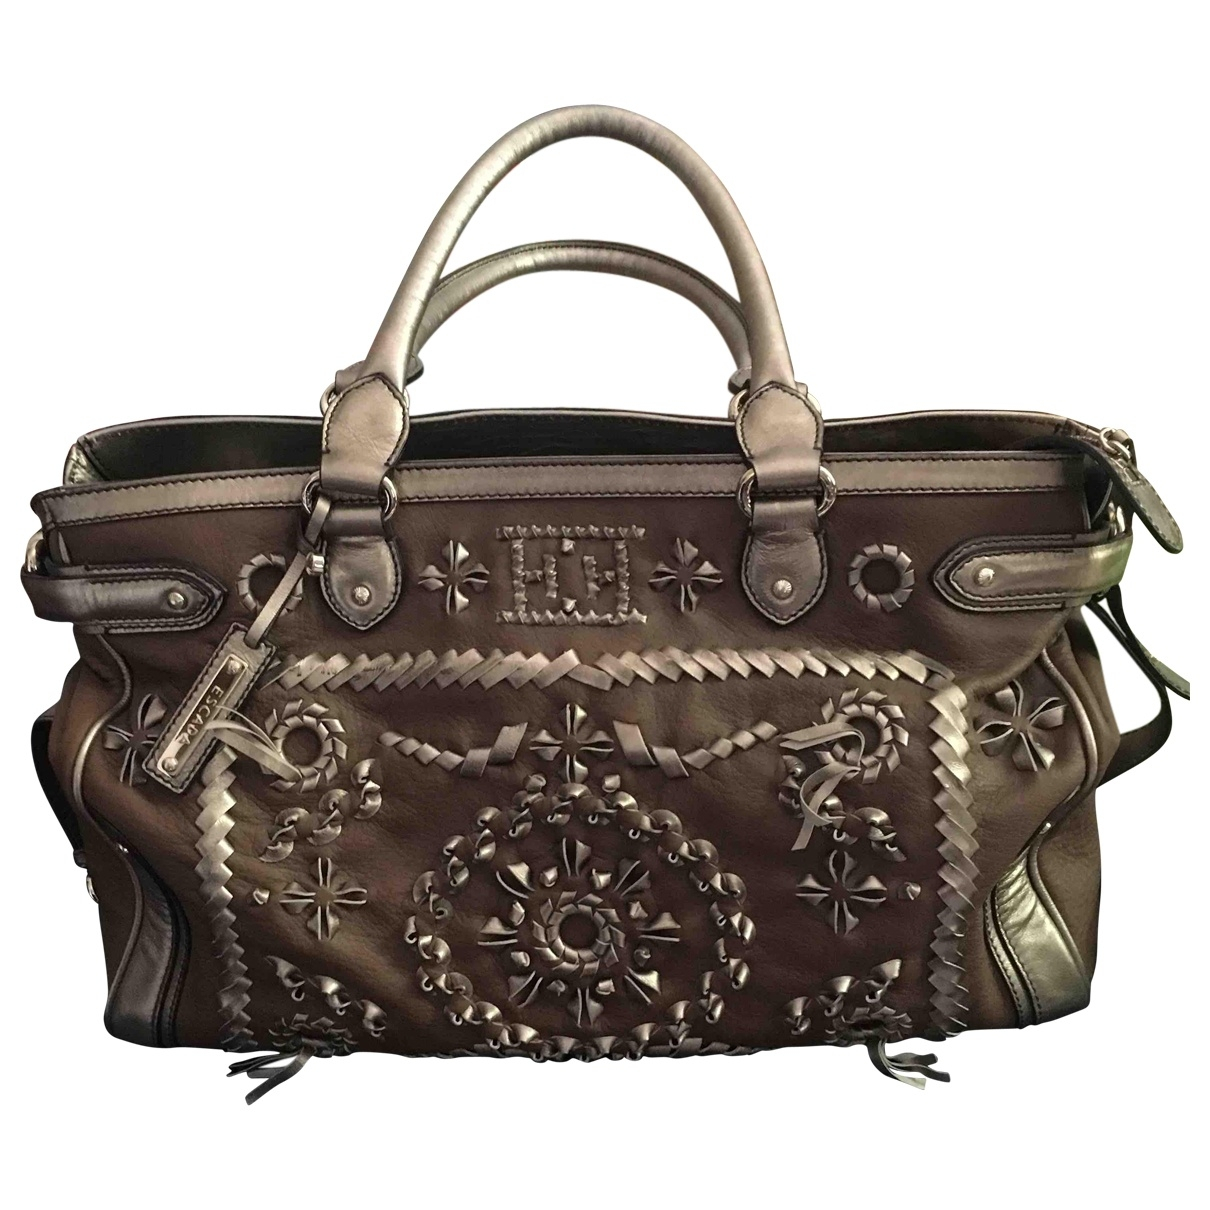 Escada \N Brown Leather handbag for Women \N